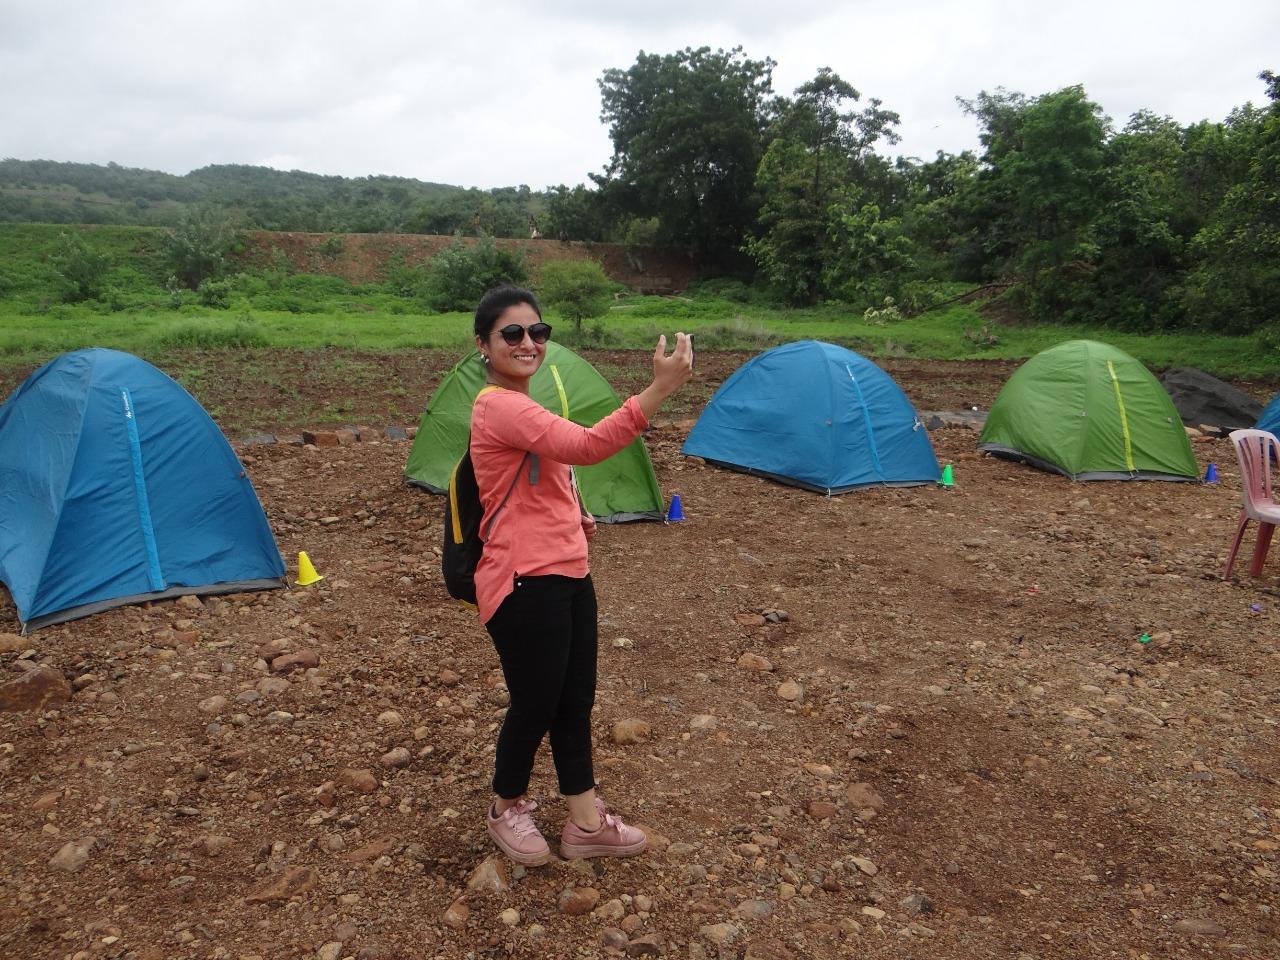 Night camping and trekking in ananthagiri hills,vikarabad ...